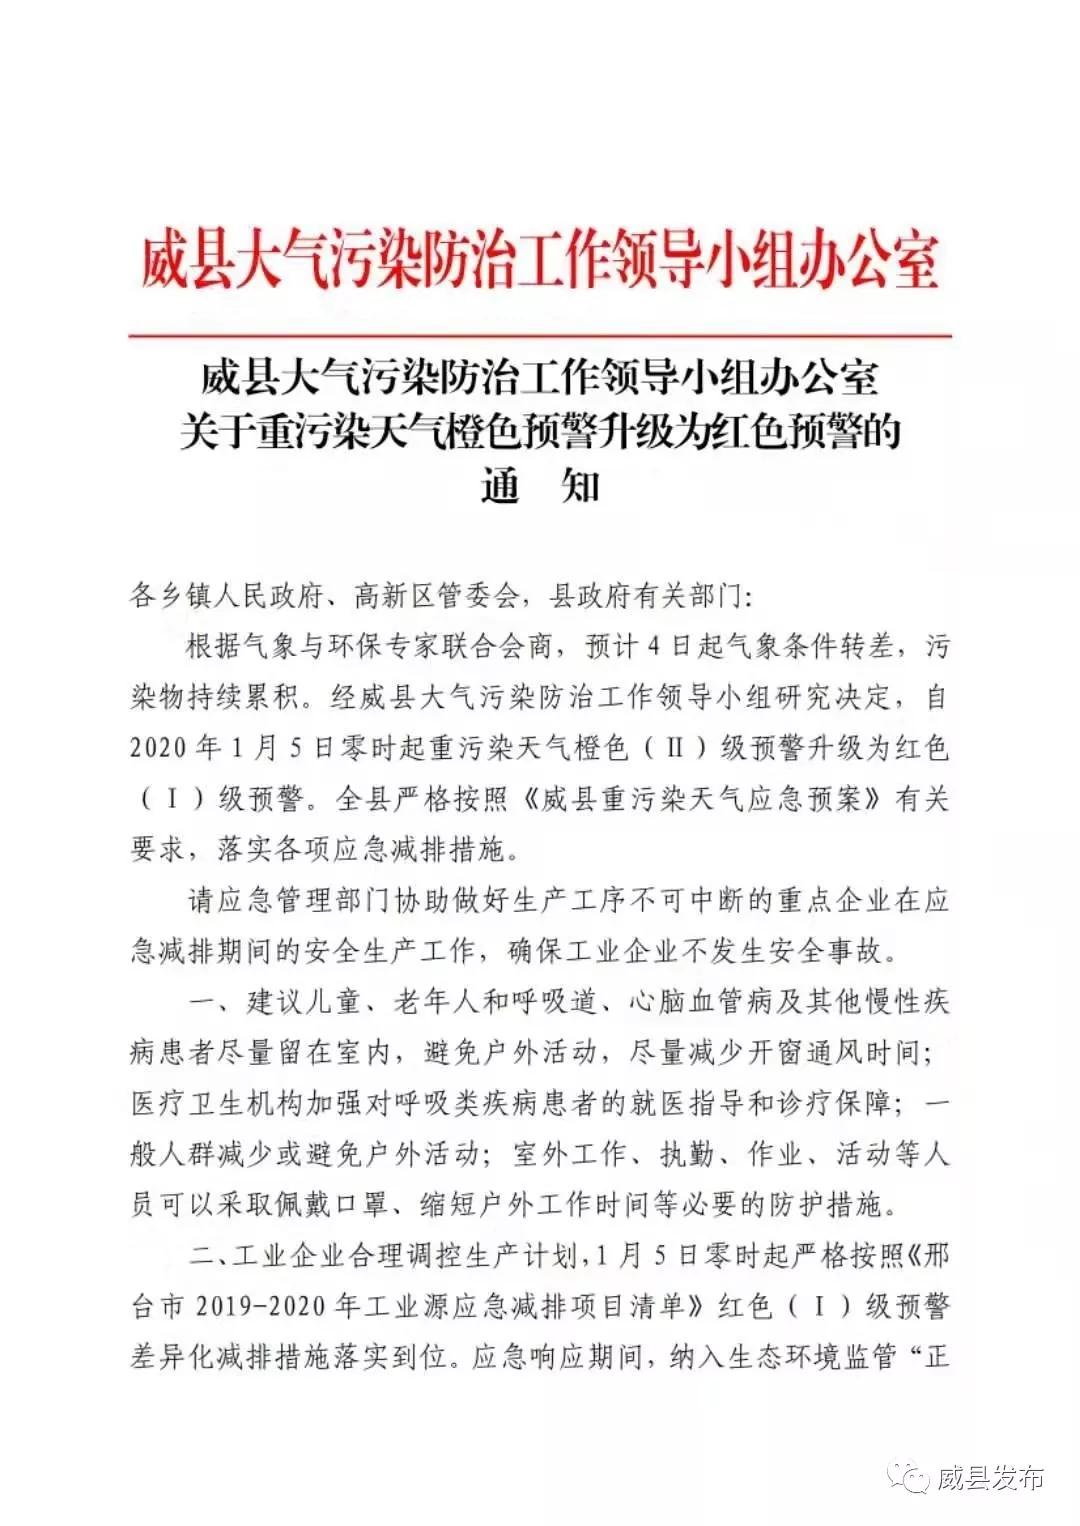 【宝宝计划】北威县5日启动重污宝宝计划染图片